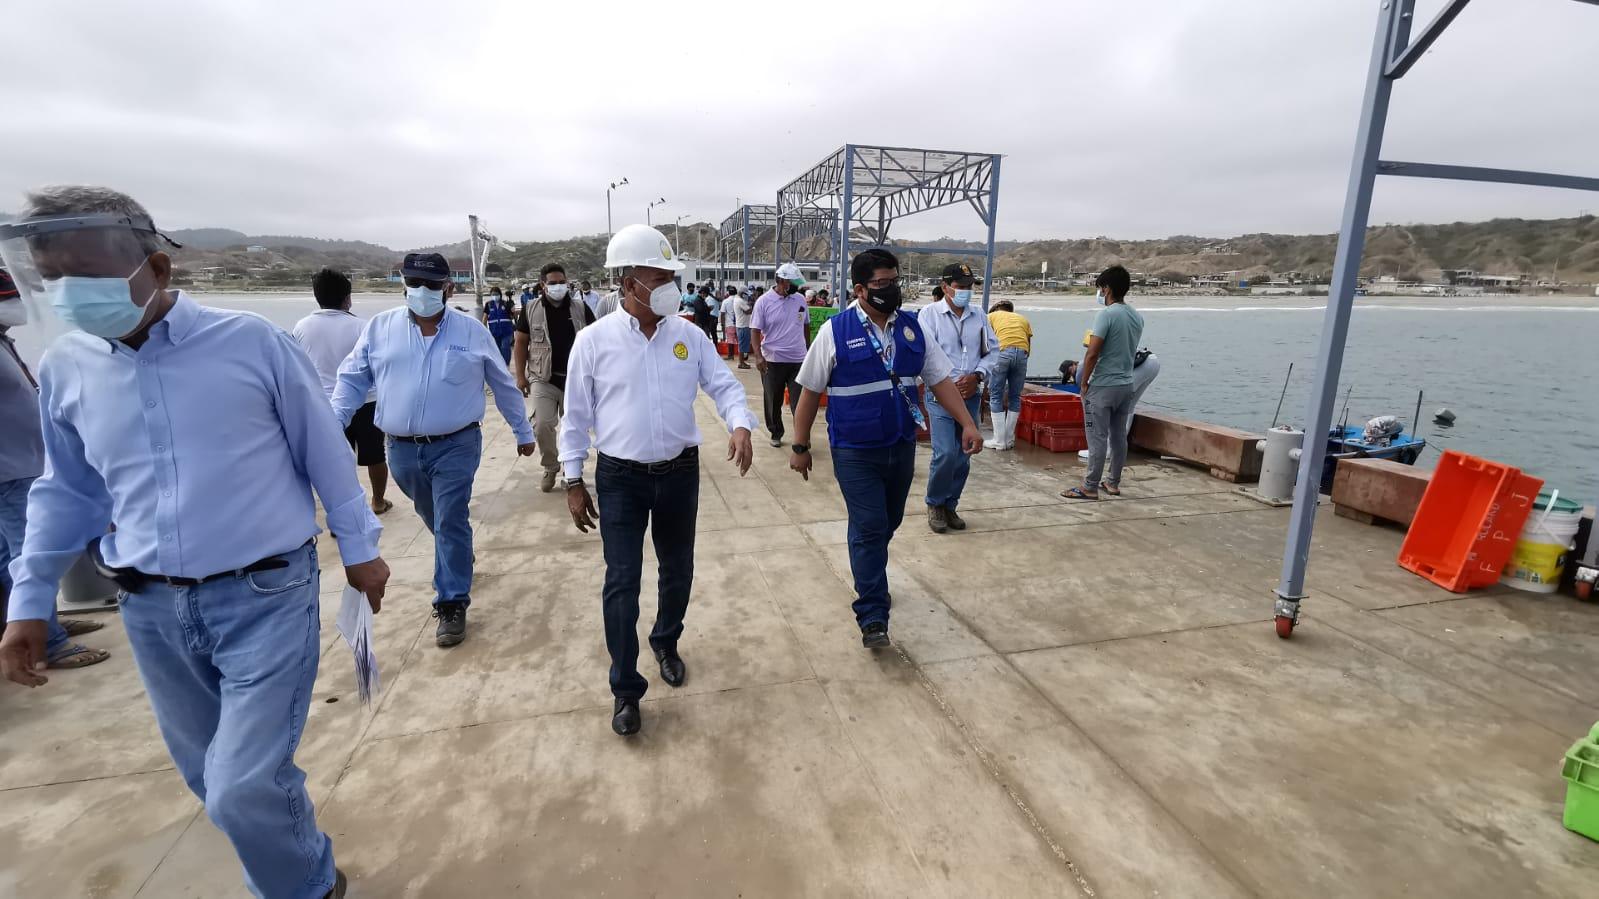 Gobernador regional anuncia pronta inauguración del desembarcadero de Acapulco, cuya inversión supera los 17 millones de soles